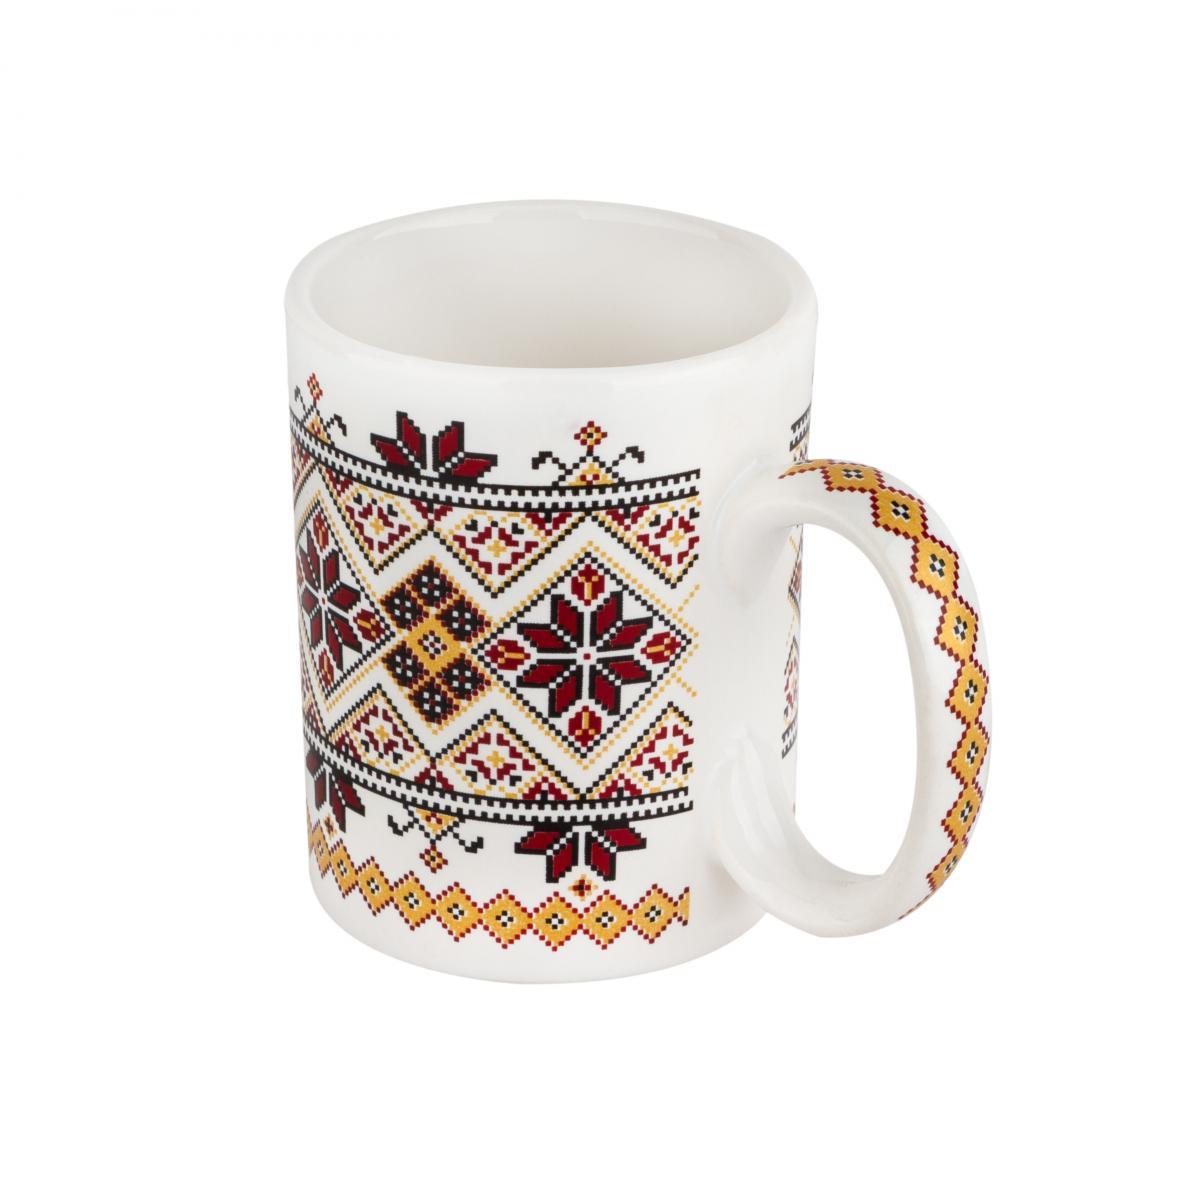 Чашка с красно-желтым узором – 150 мл. Фото №2. | Народный дом Украина